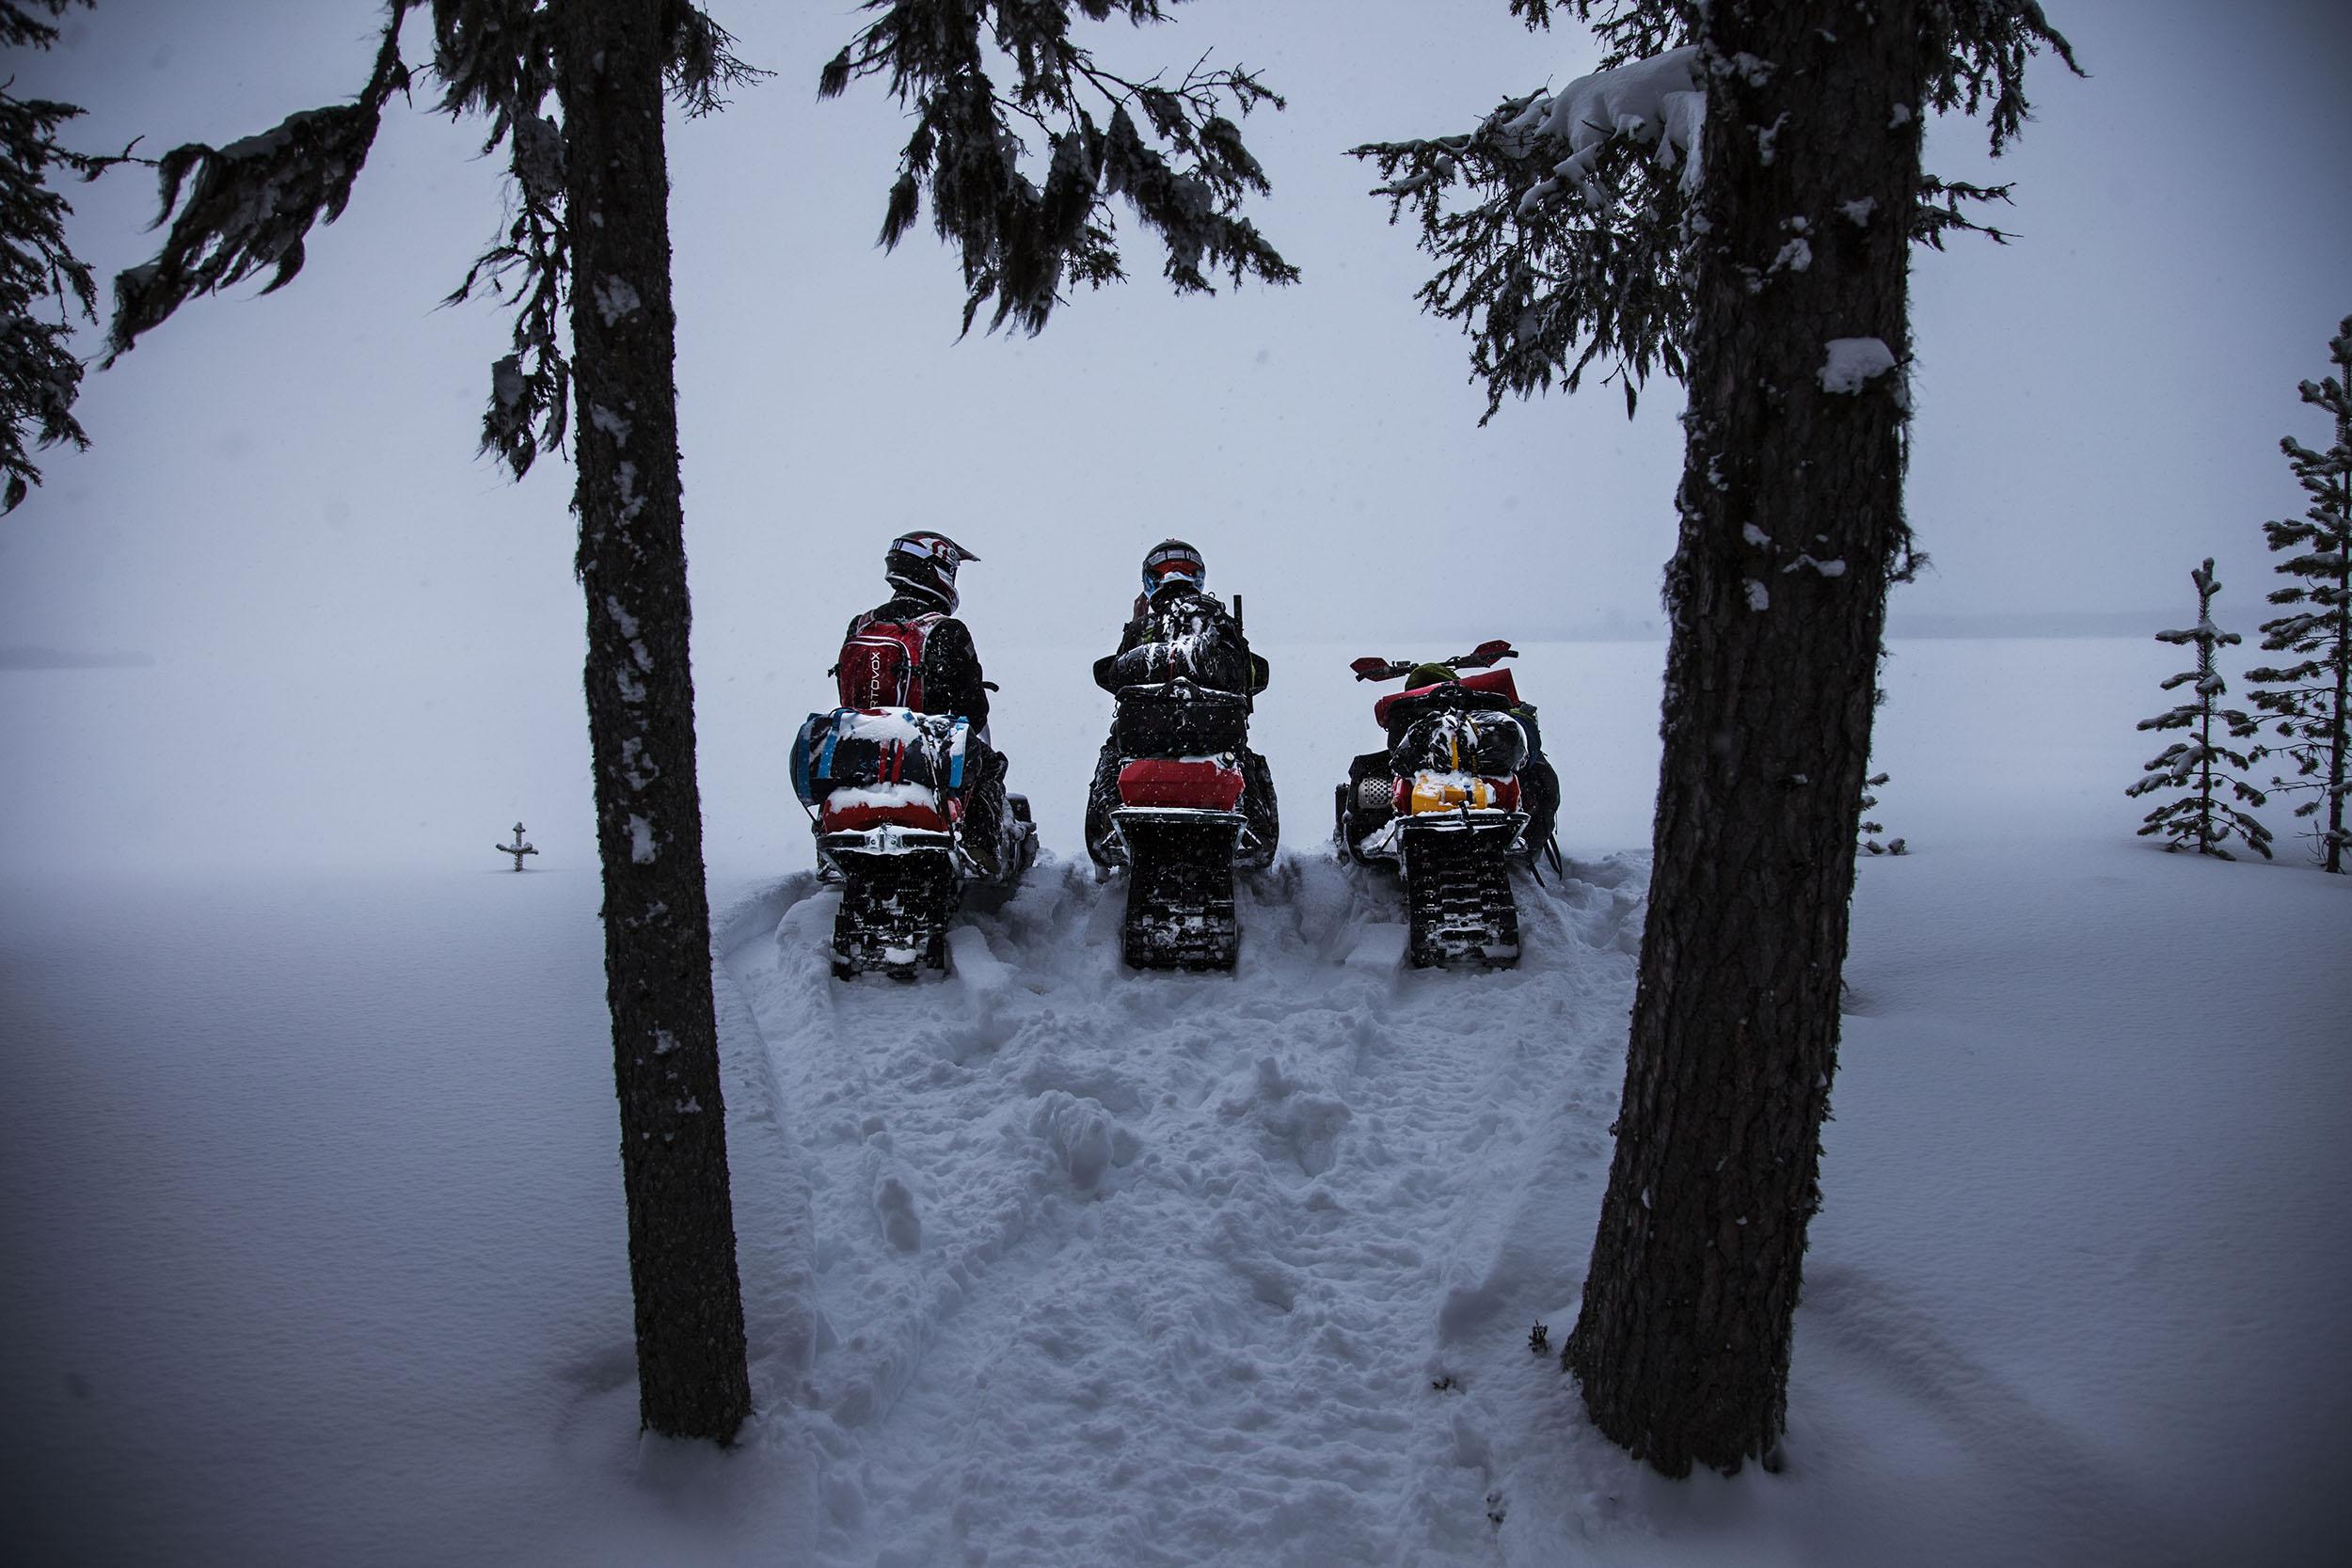 Vid kanten av den cirka sju kilometer långa sjön Lauker, möttes vi av en tät dimma och lätt snöfall.